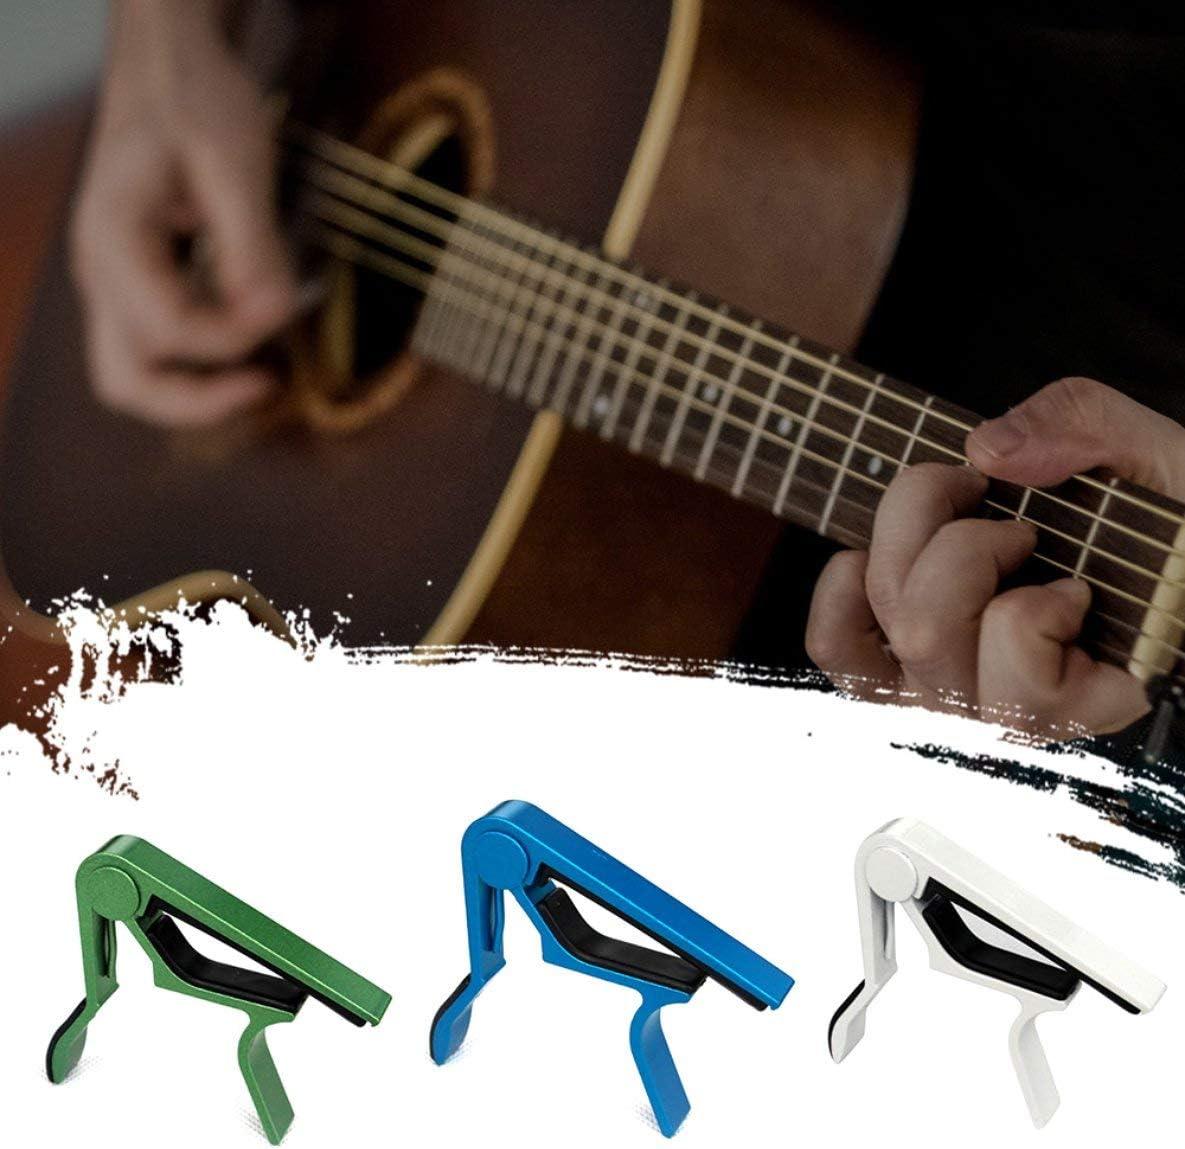 Rouku en Alliage daluminium m/étal Guitare Capo Changement Rapide Pince cl/é Acoustique Classique Guitare Capo Ton r/églage de la Guitare pi/èces